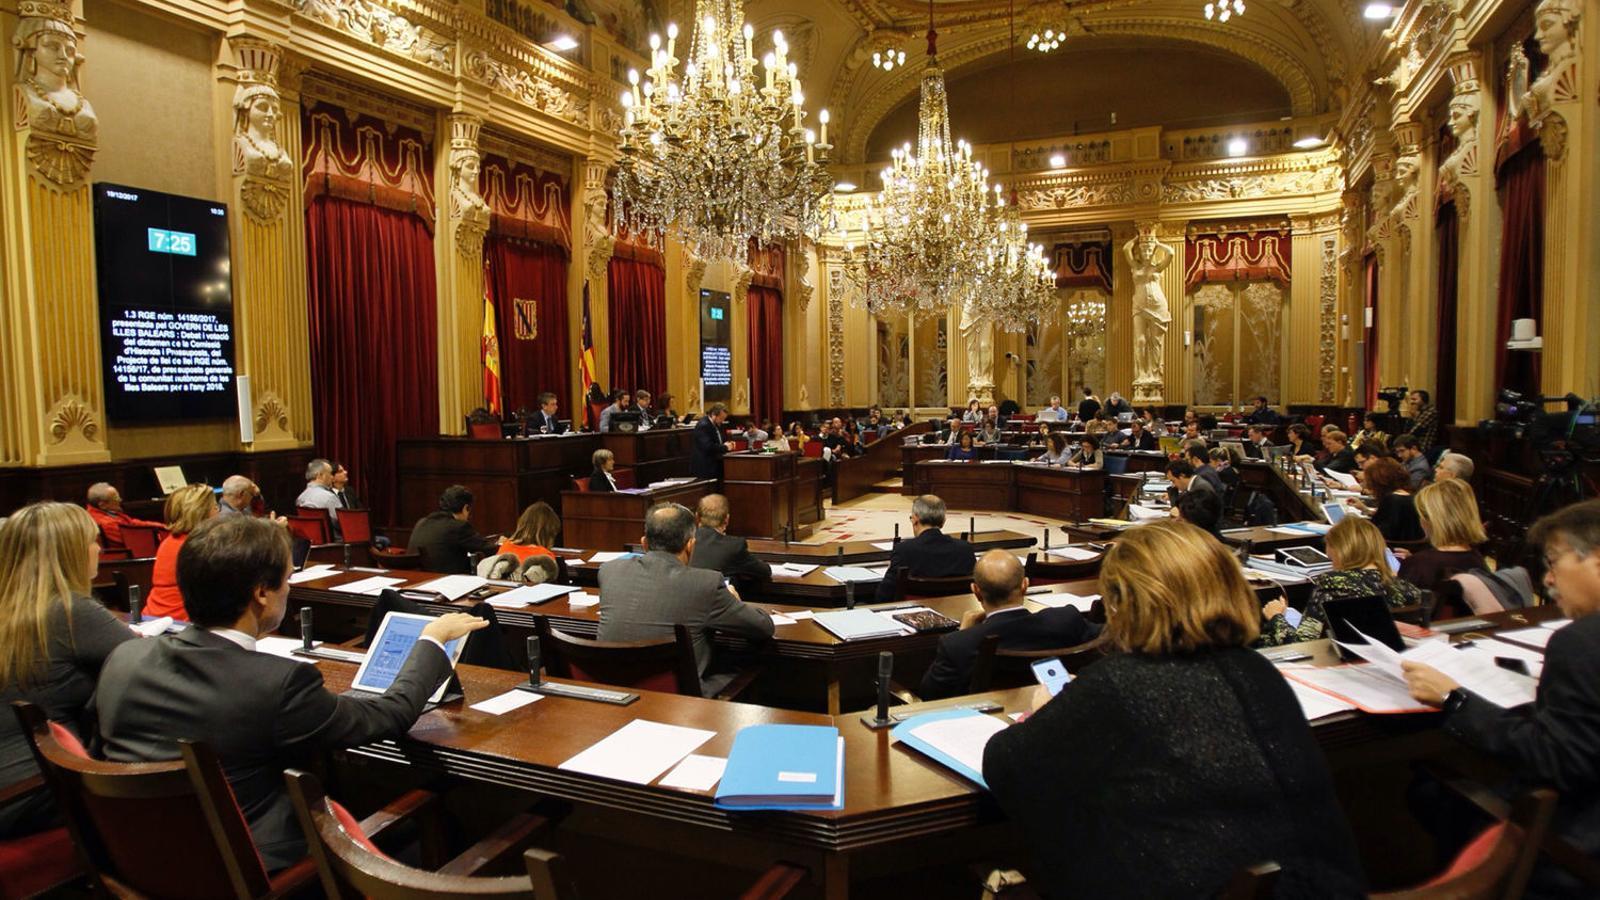 El Govern té previst aprovar tretze lleis en el Parlament durant el pròxim gener.